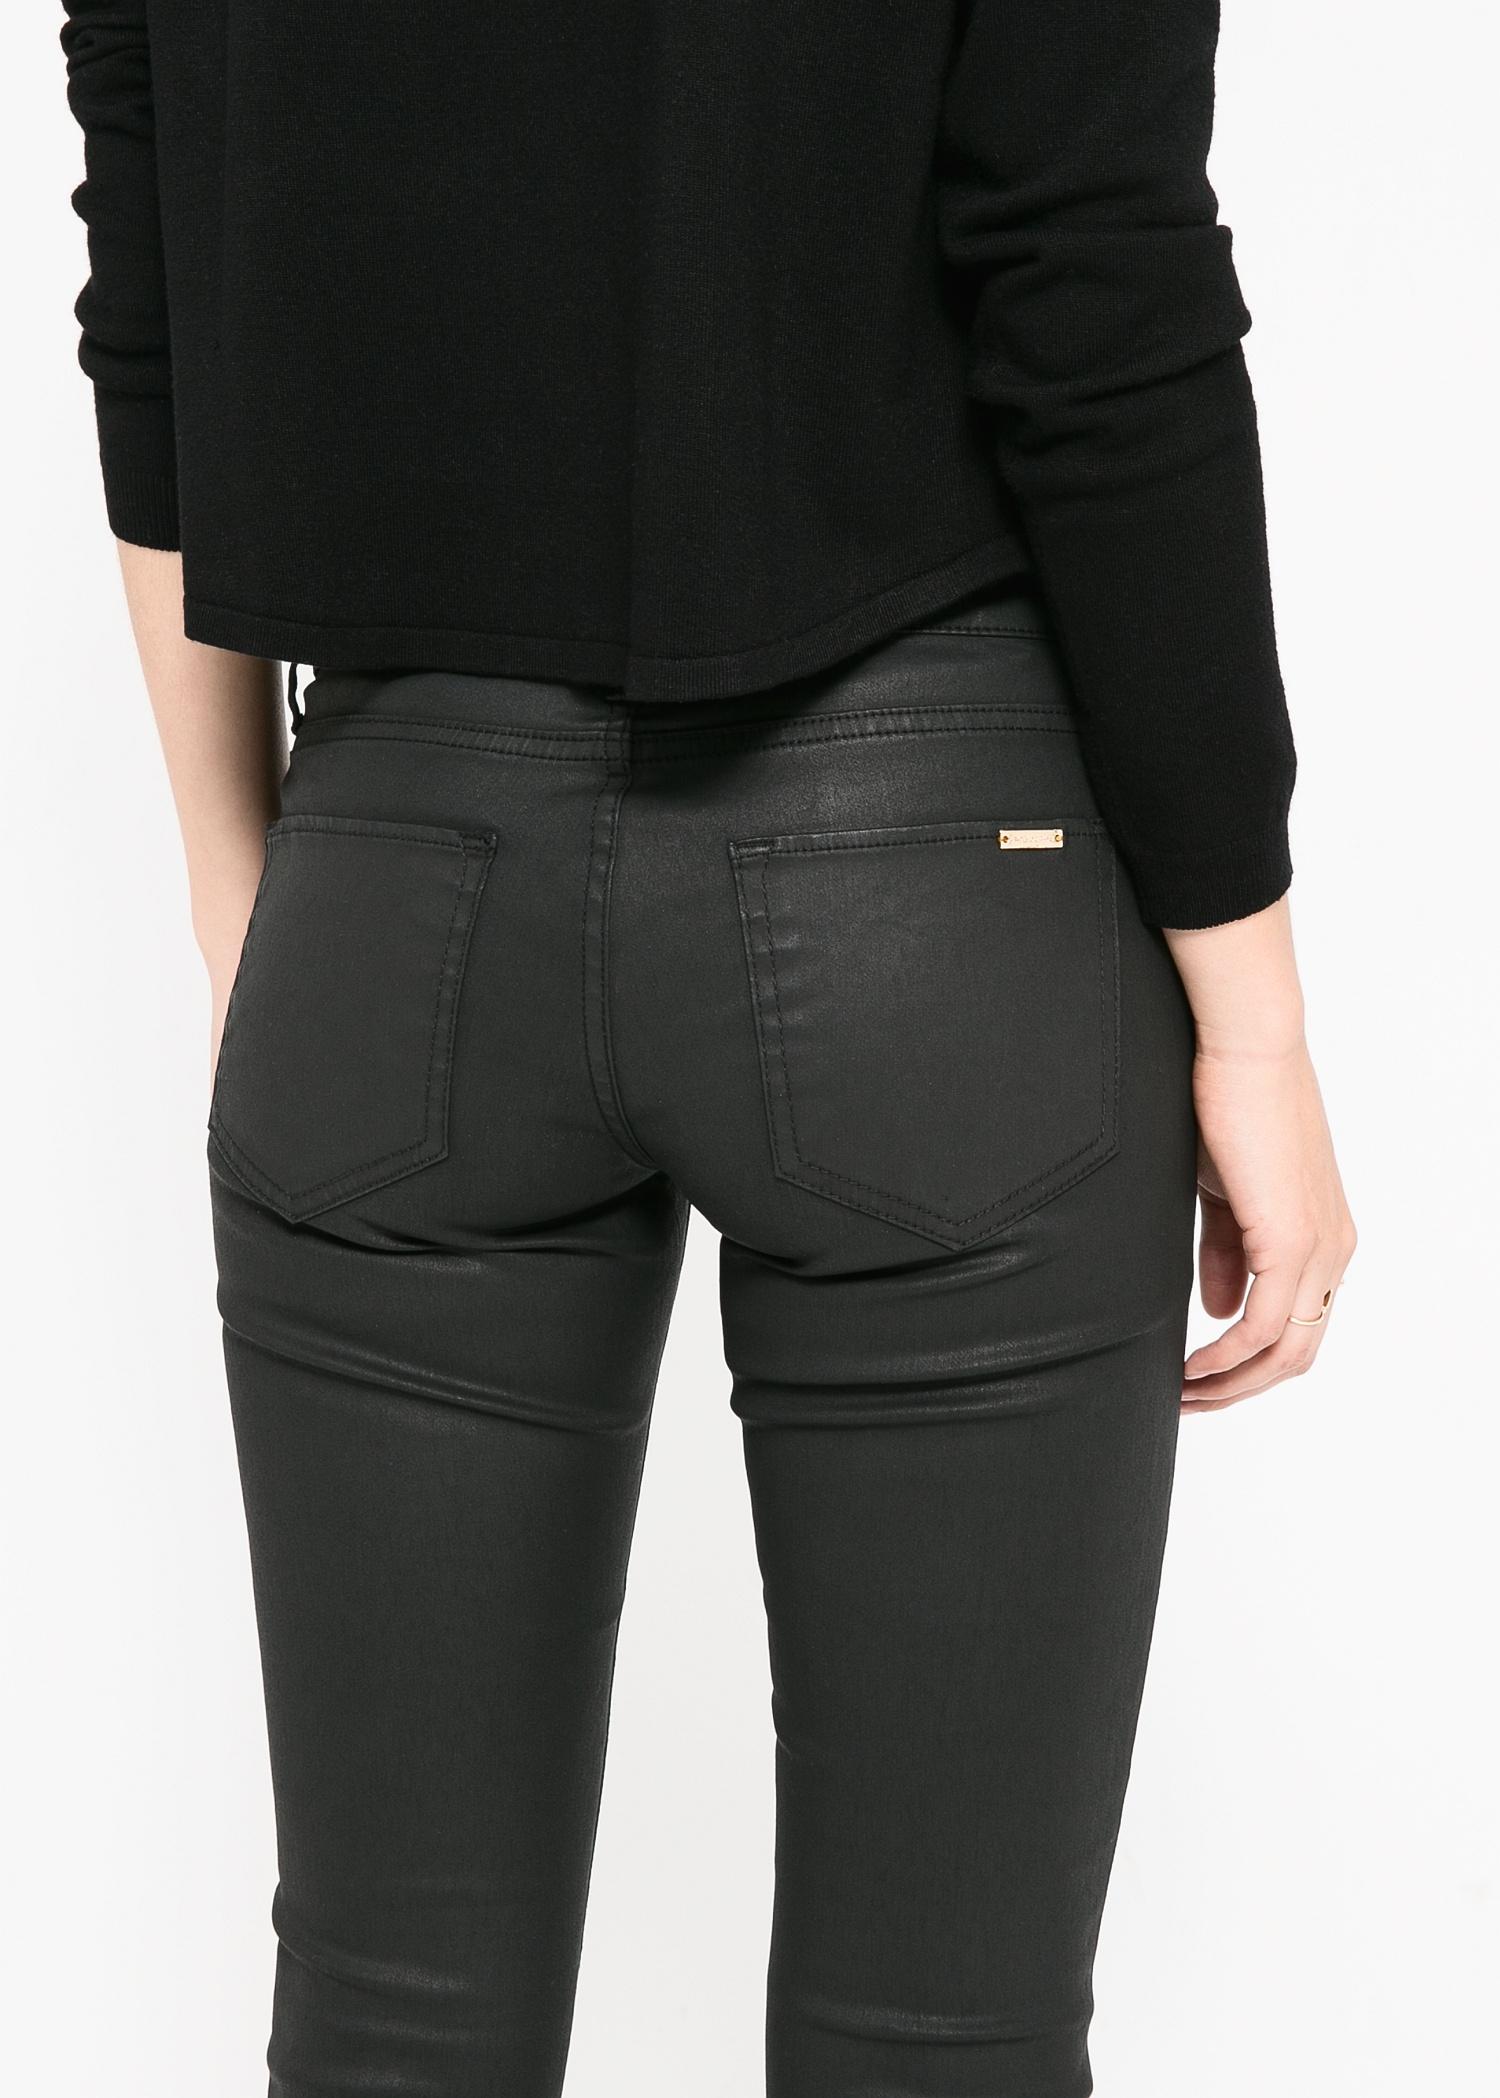 Mango Skinny Belle Jeans in Black | Lyst